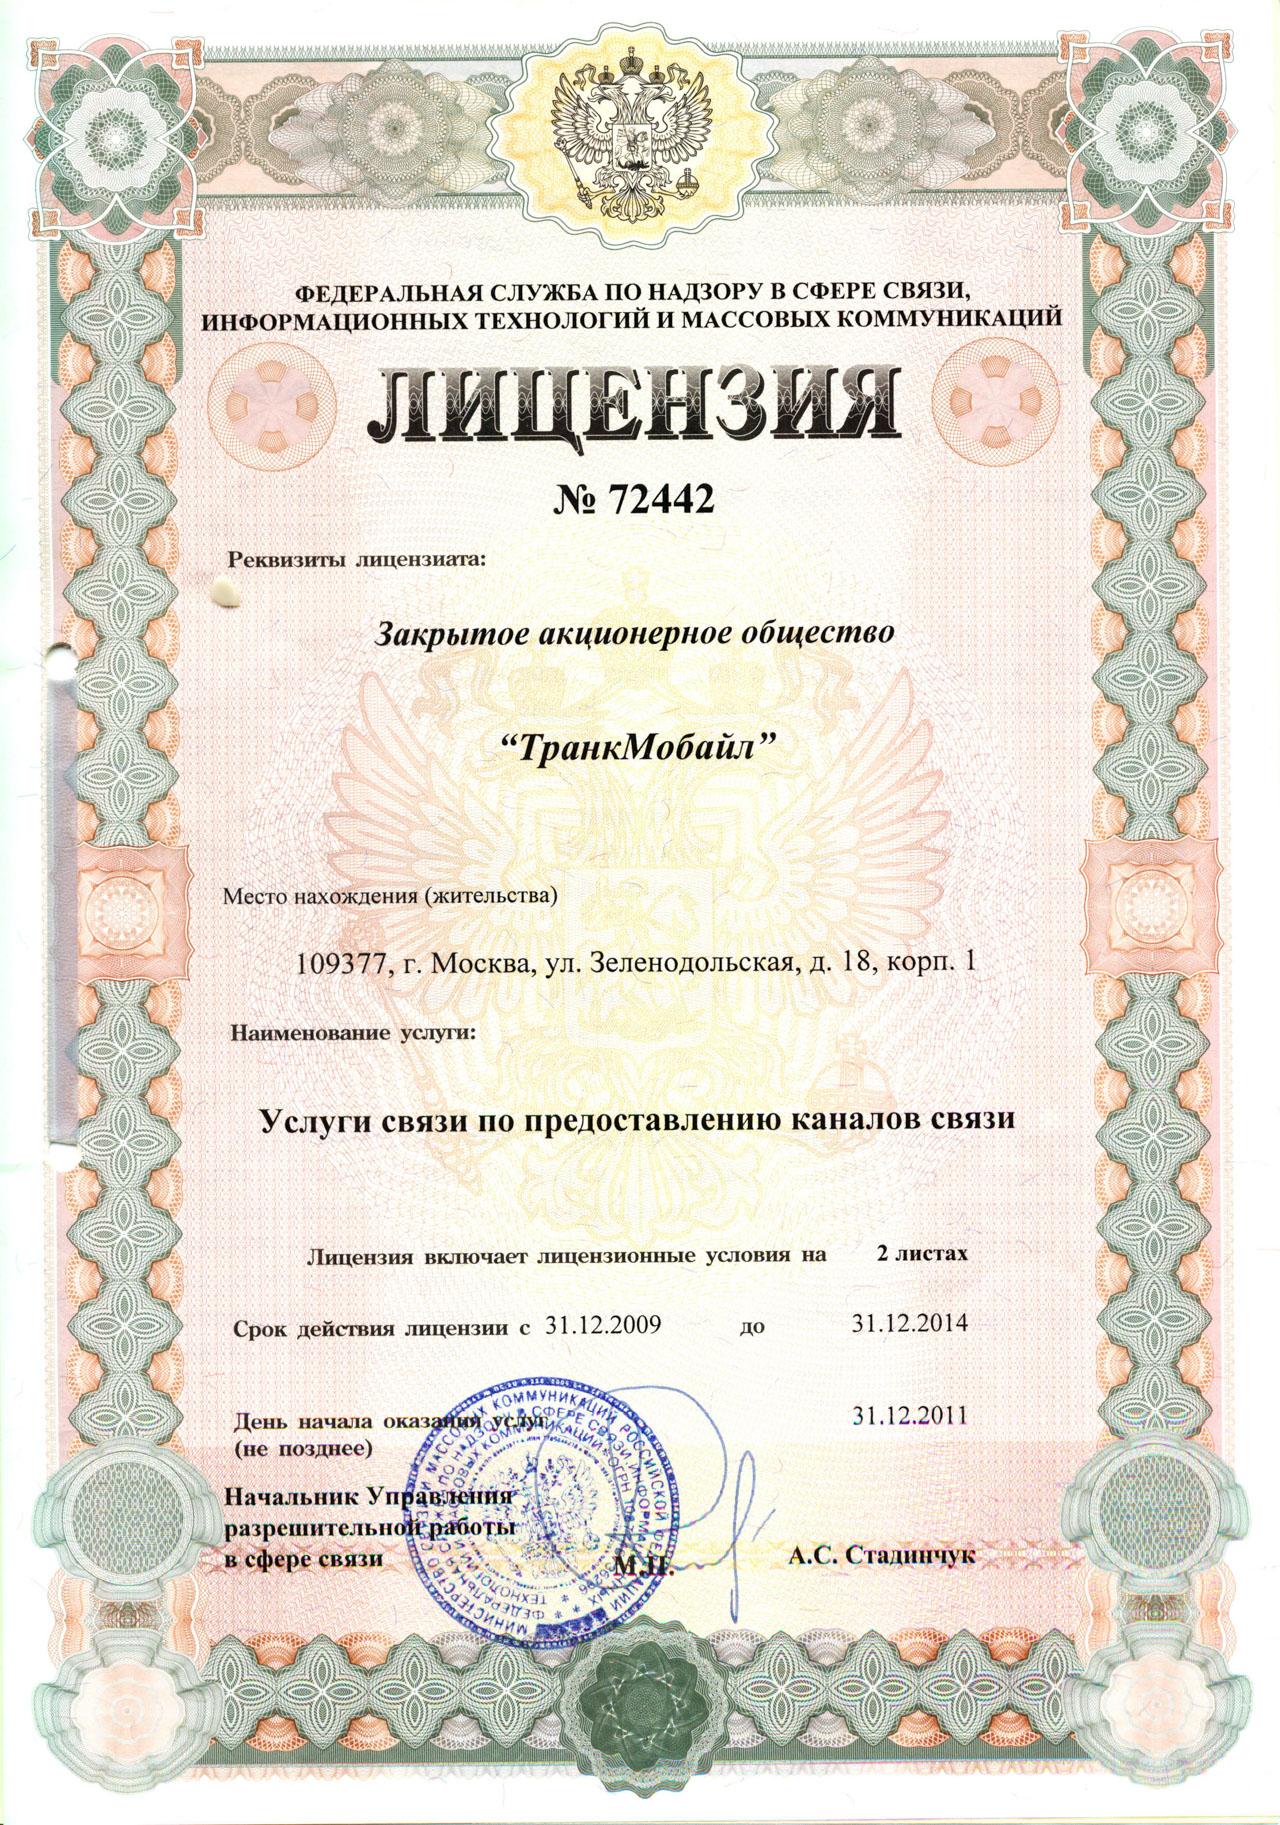 license_yslygi_po_predostavleniu_kanalov